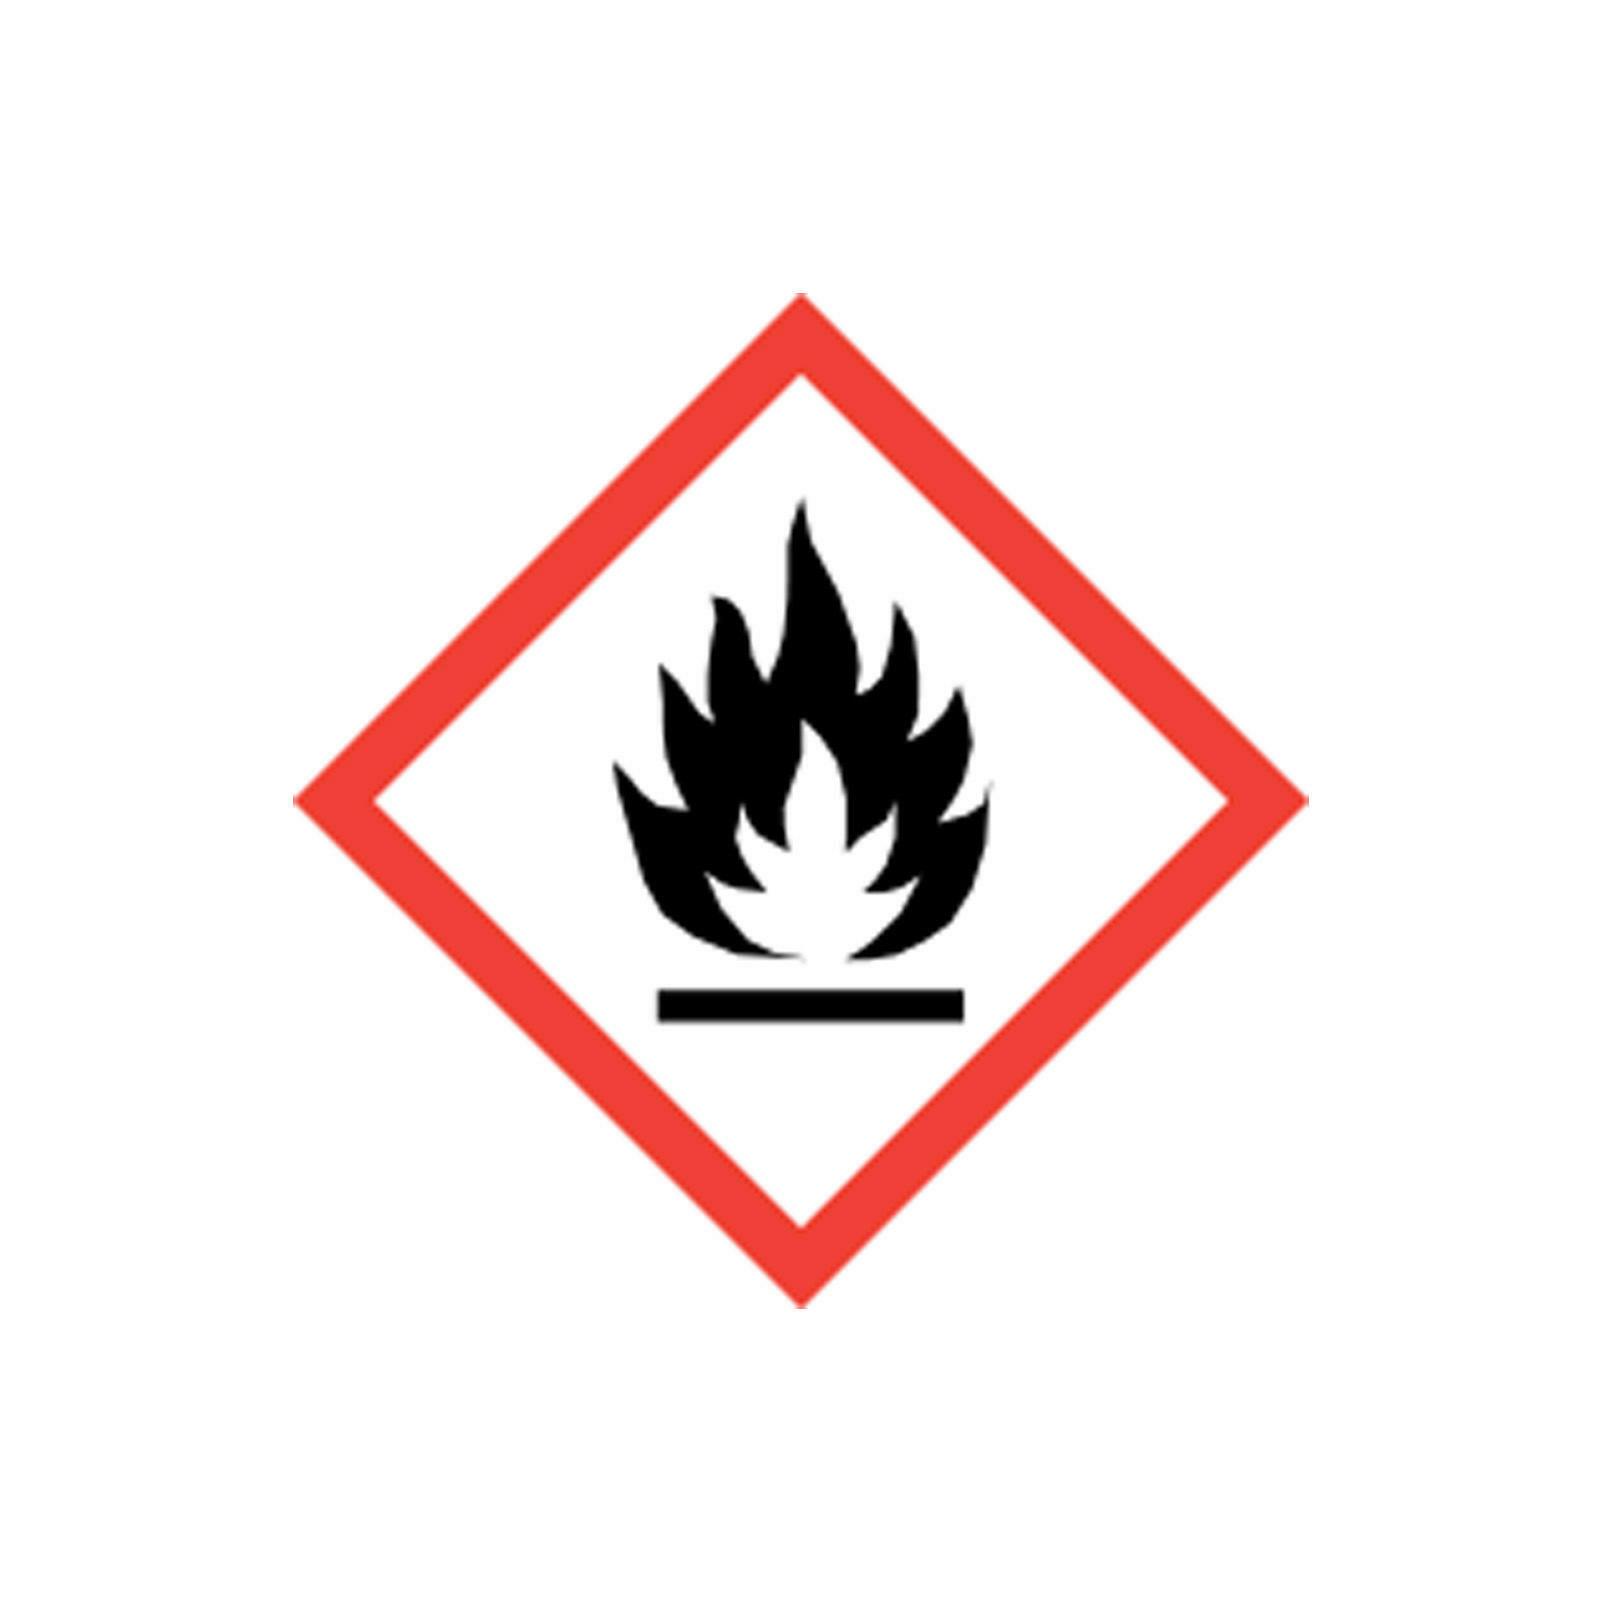 LEDERPFLEGE MANNOL LEATHER CLEANER 450 ml Innenraumpflege Lederreiniger Spray